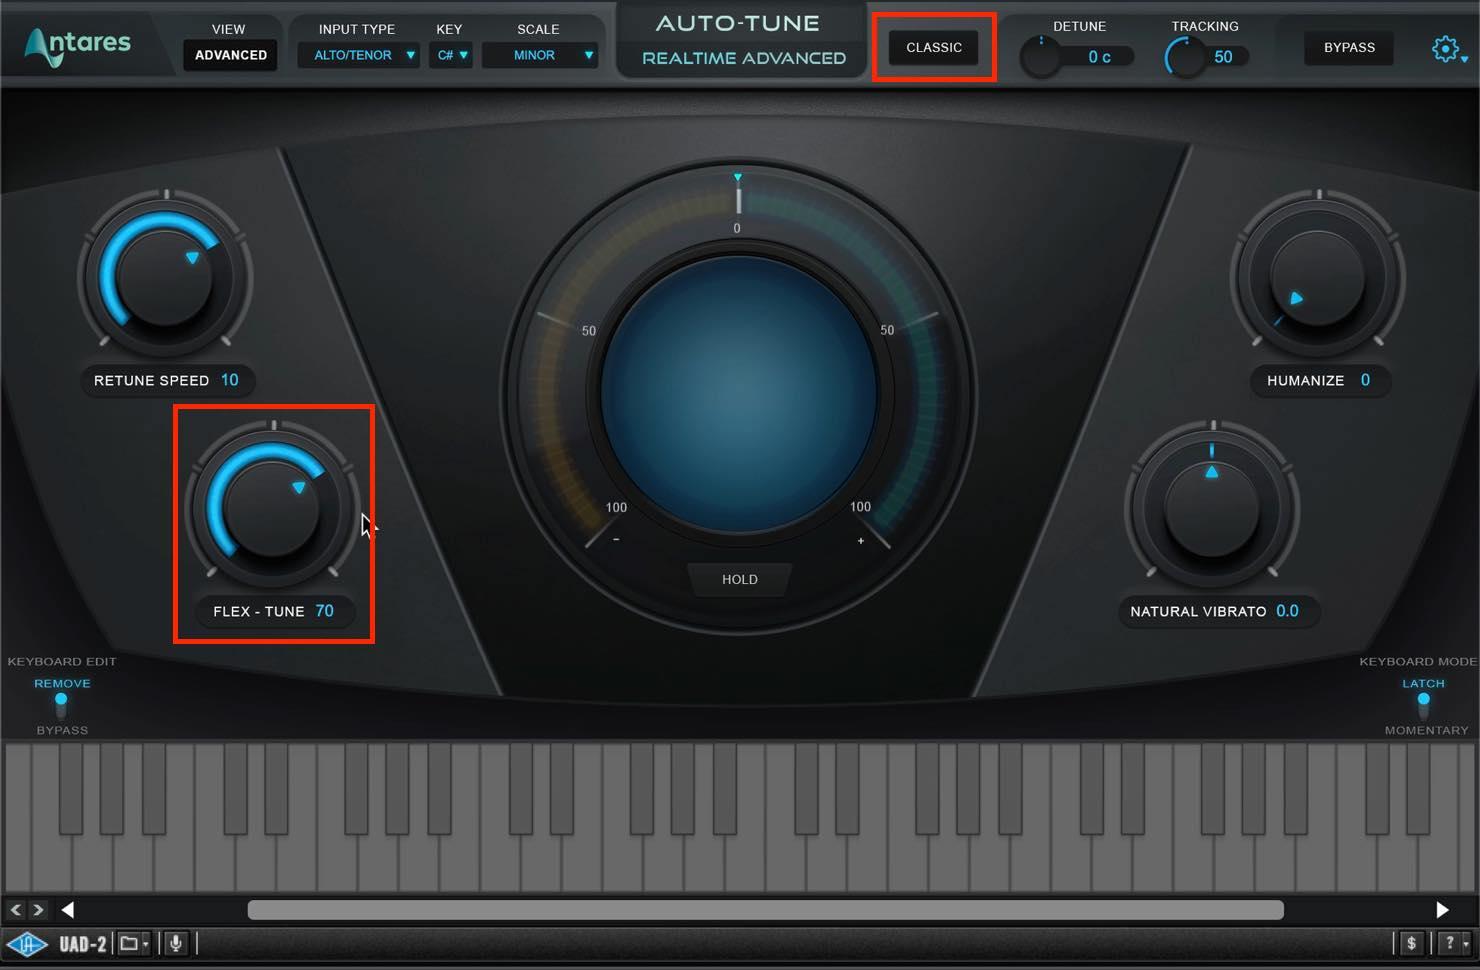 flex tune